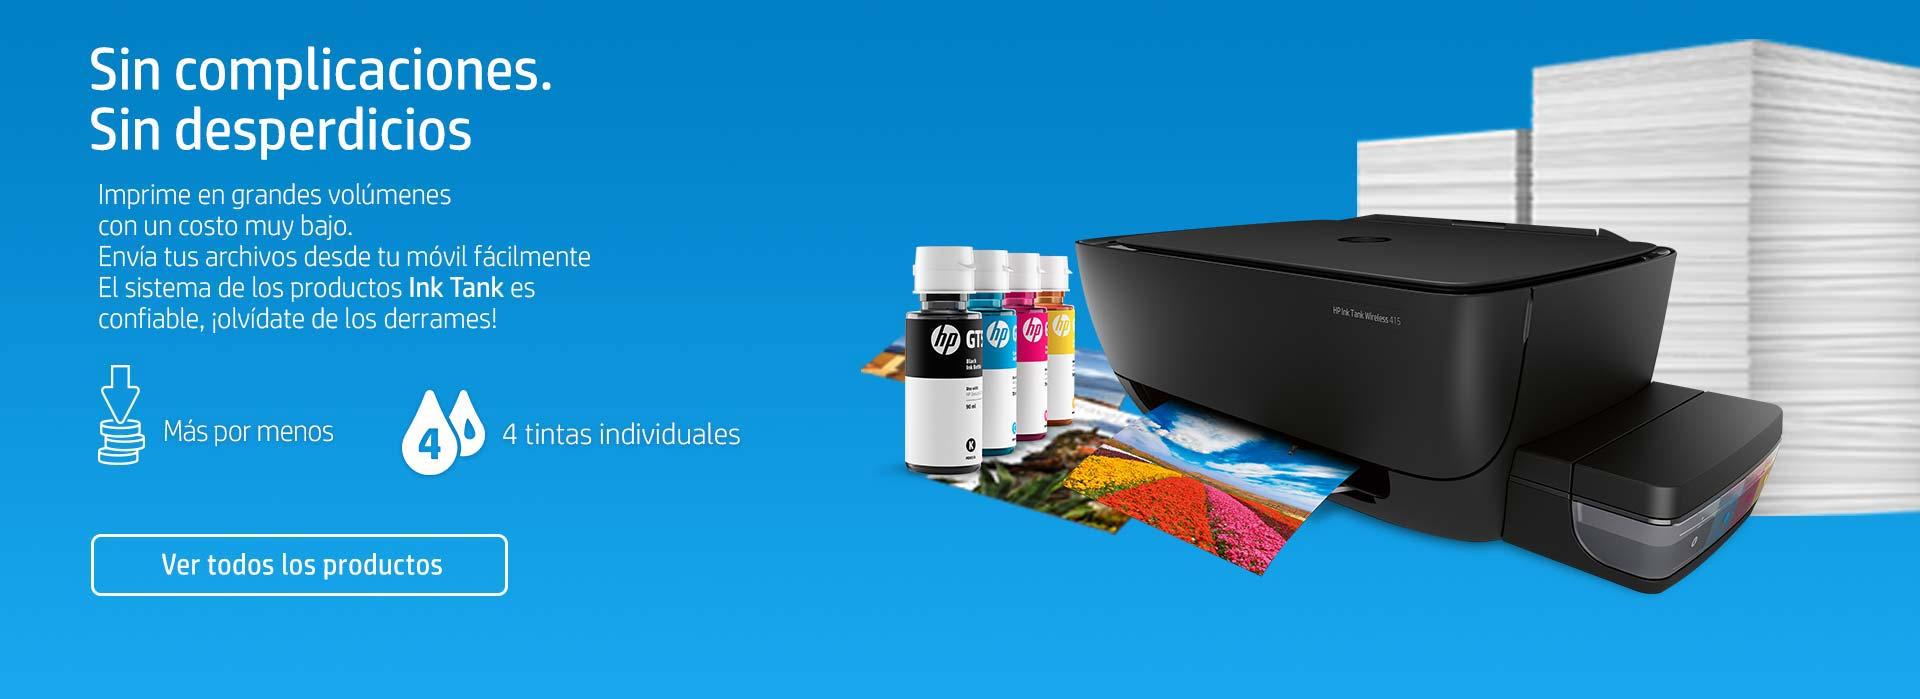 HP Ink Tank | Sin complicaciones, sin desperdicios